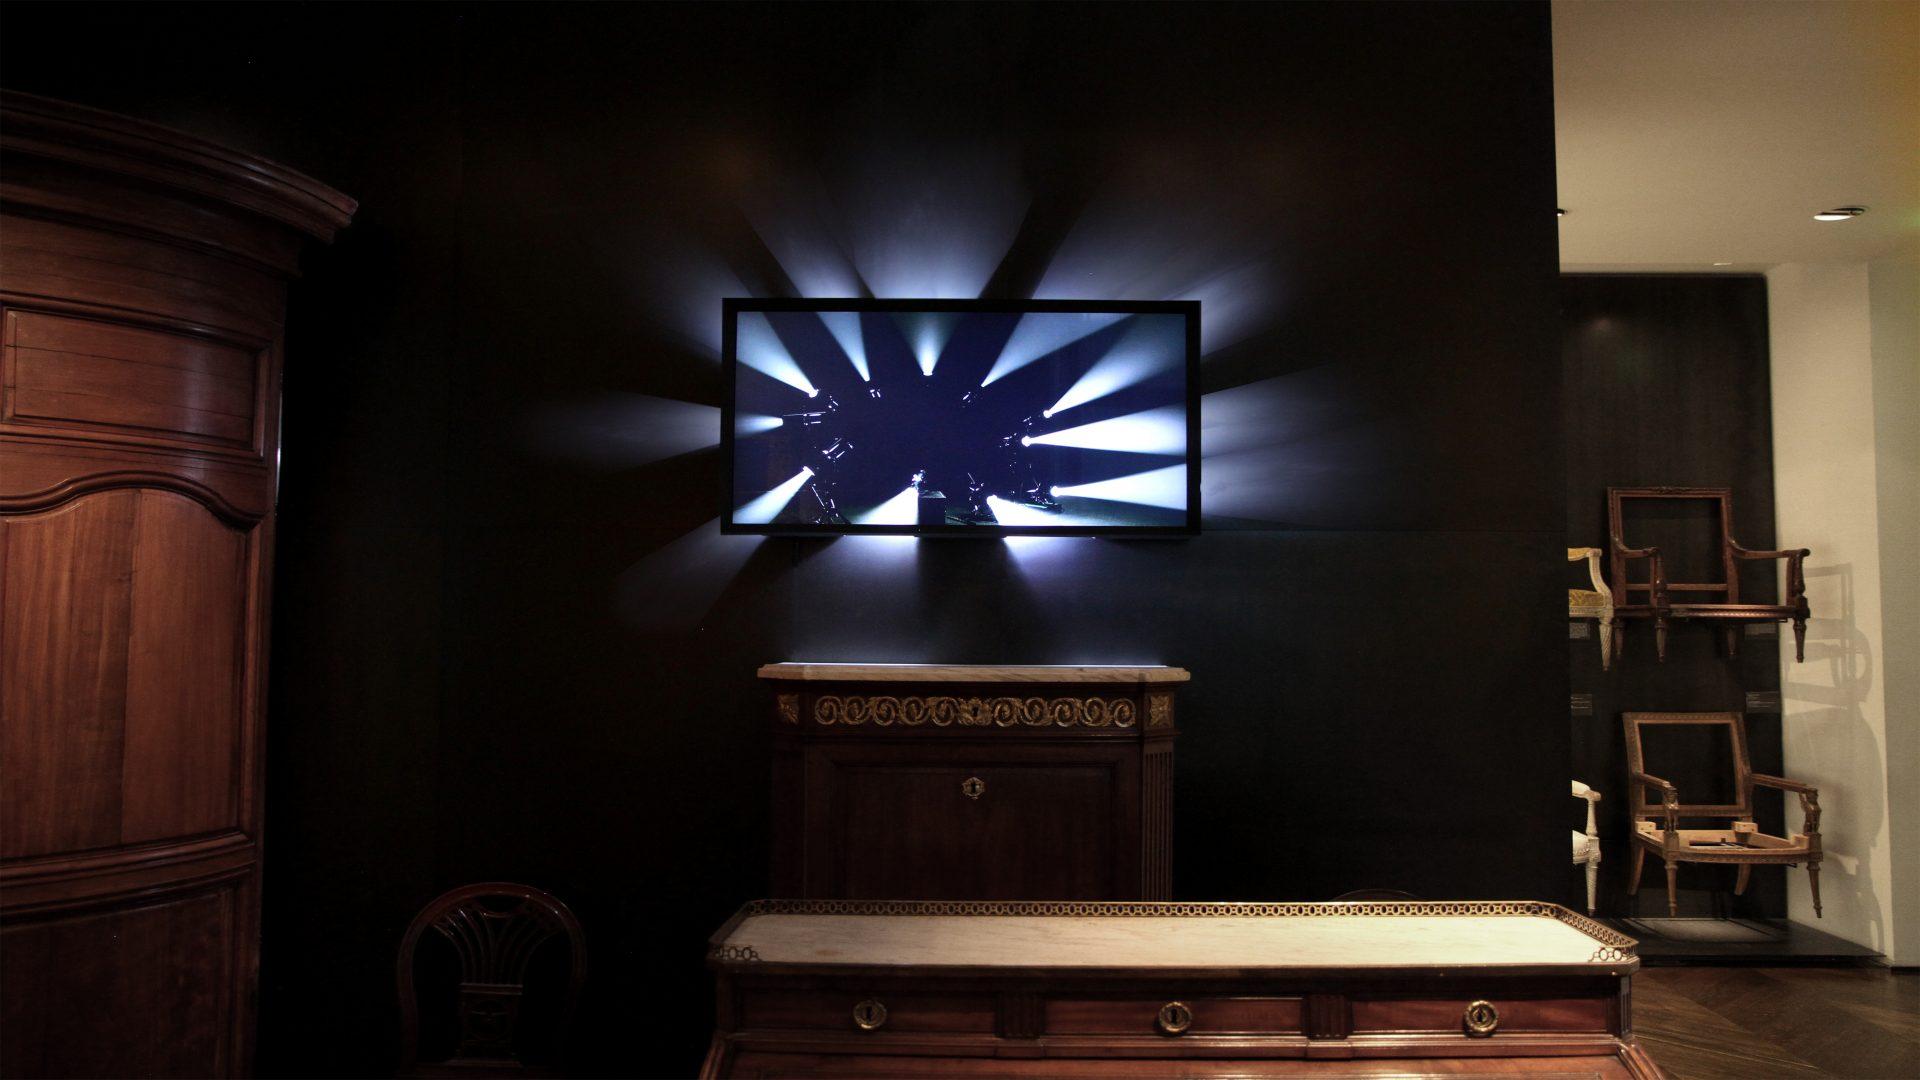 L'image éclaire - Écran Faisceaux - Musée des Arts décoratifs de Paris, 2016 / Credits : RF Studio